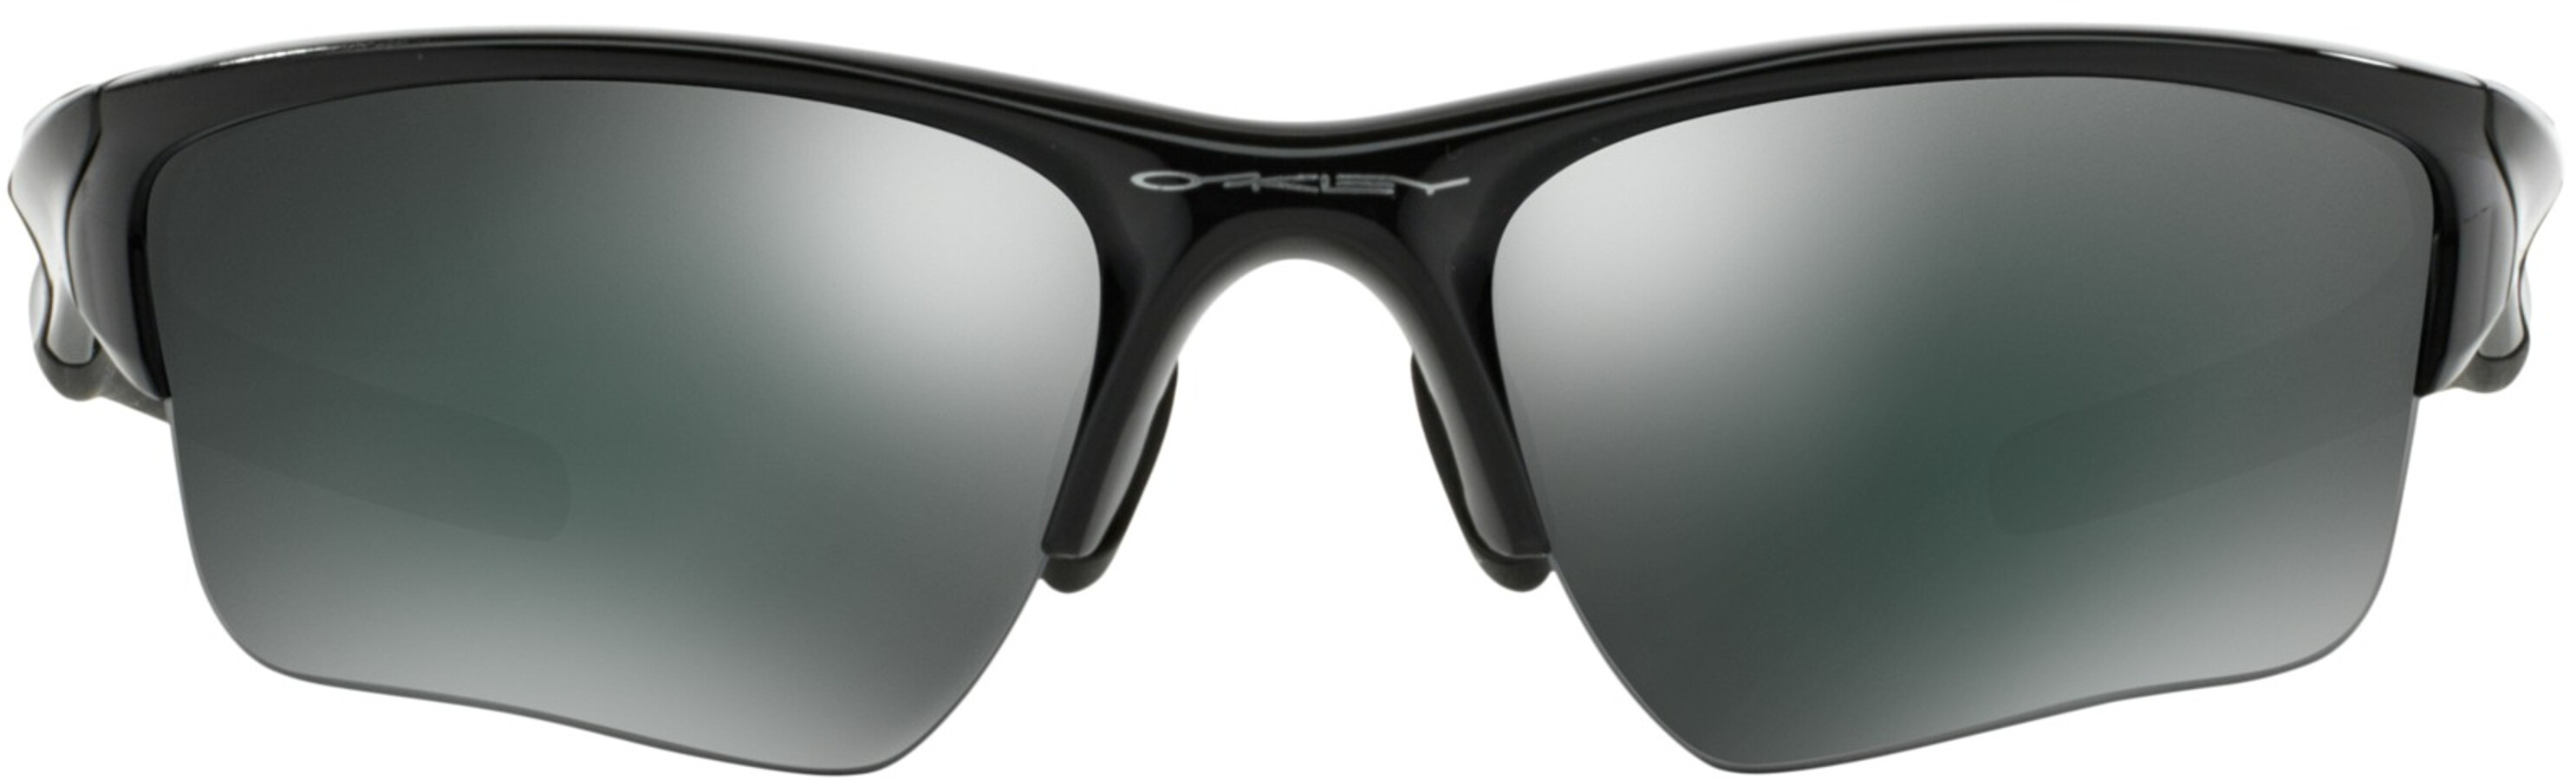 70818a734b3a87 Oakley Half Jacket 2.0 XL - Lunettes cyclisme - noir - Boutique de ...